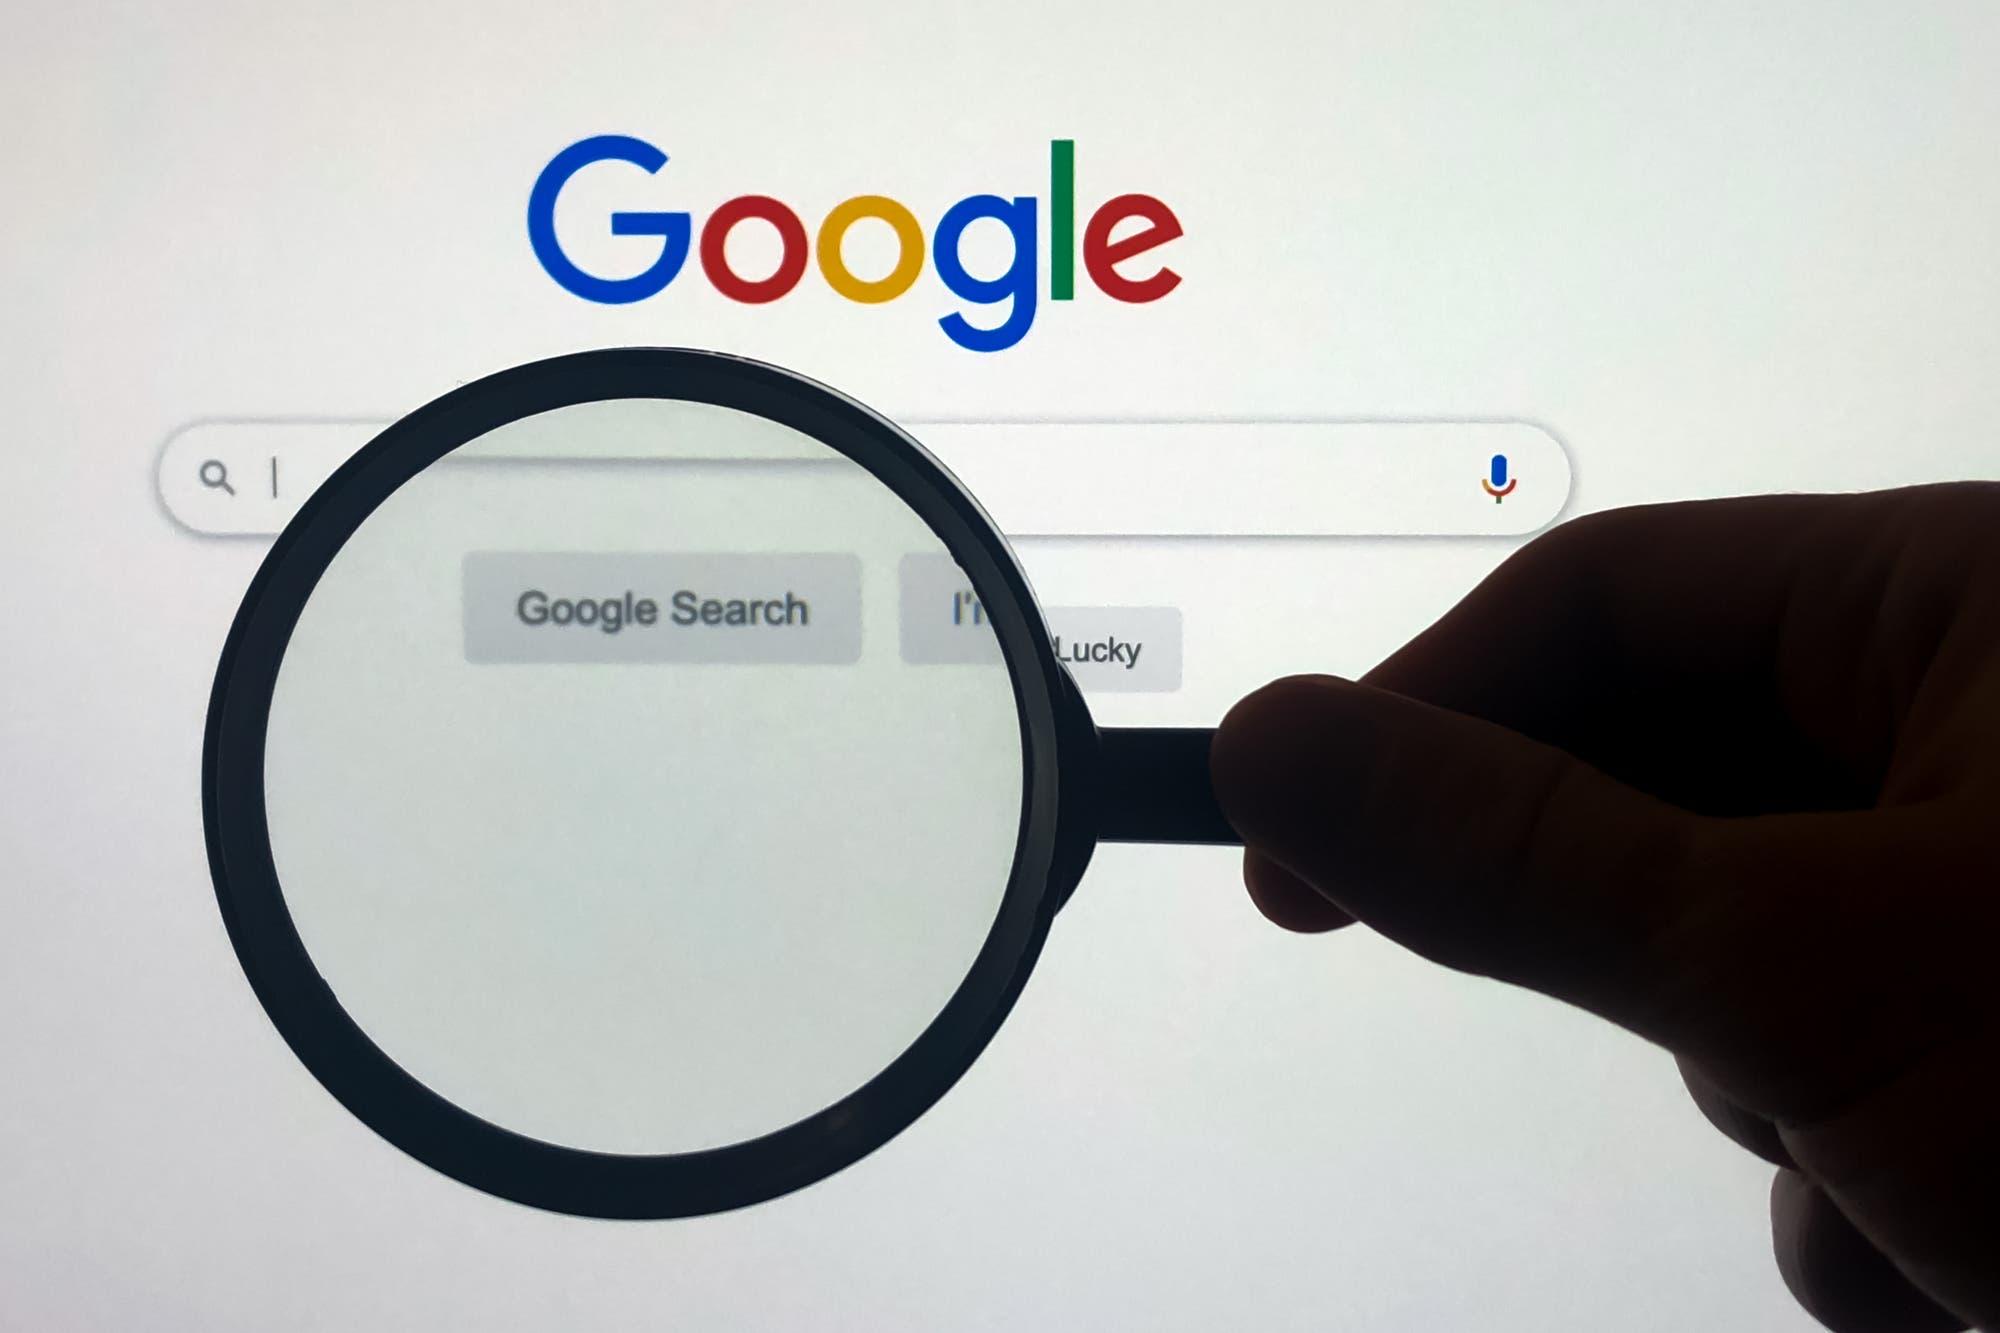 Medida defectuosa: la respuesta de Google a la demanda antimonopolio del gobierno de EE.UU.